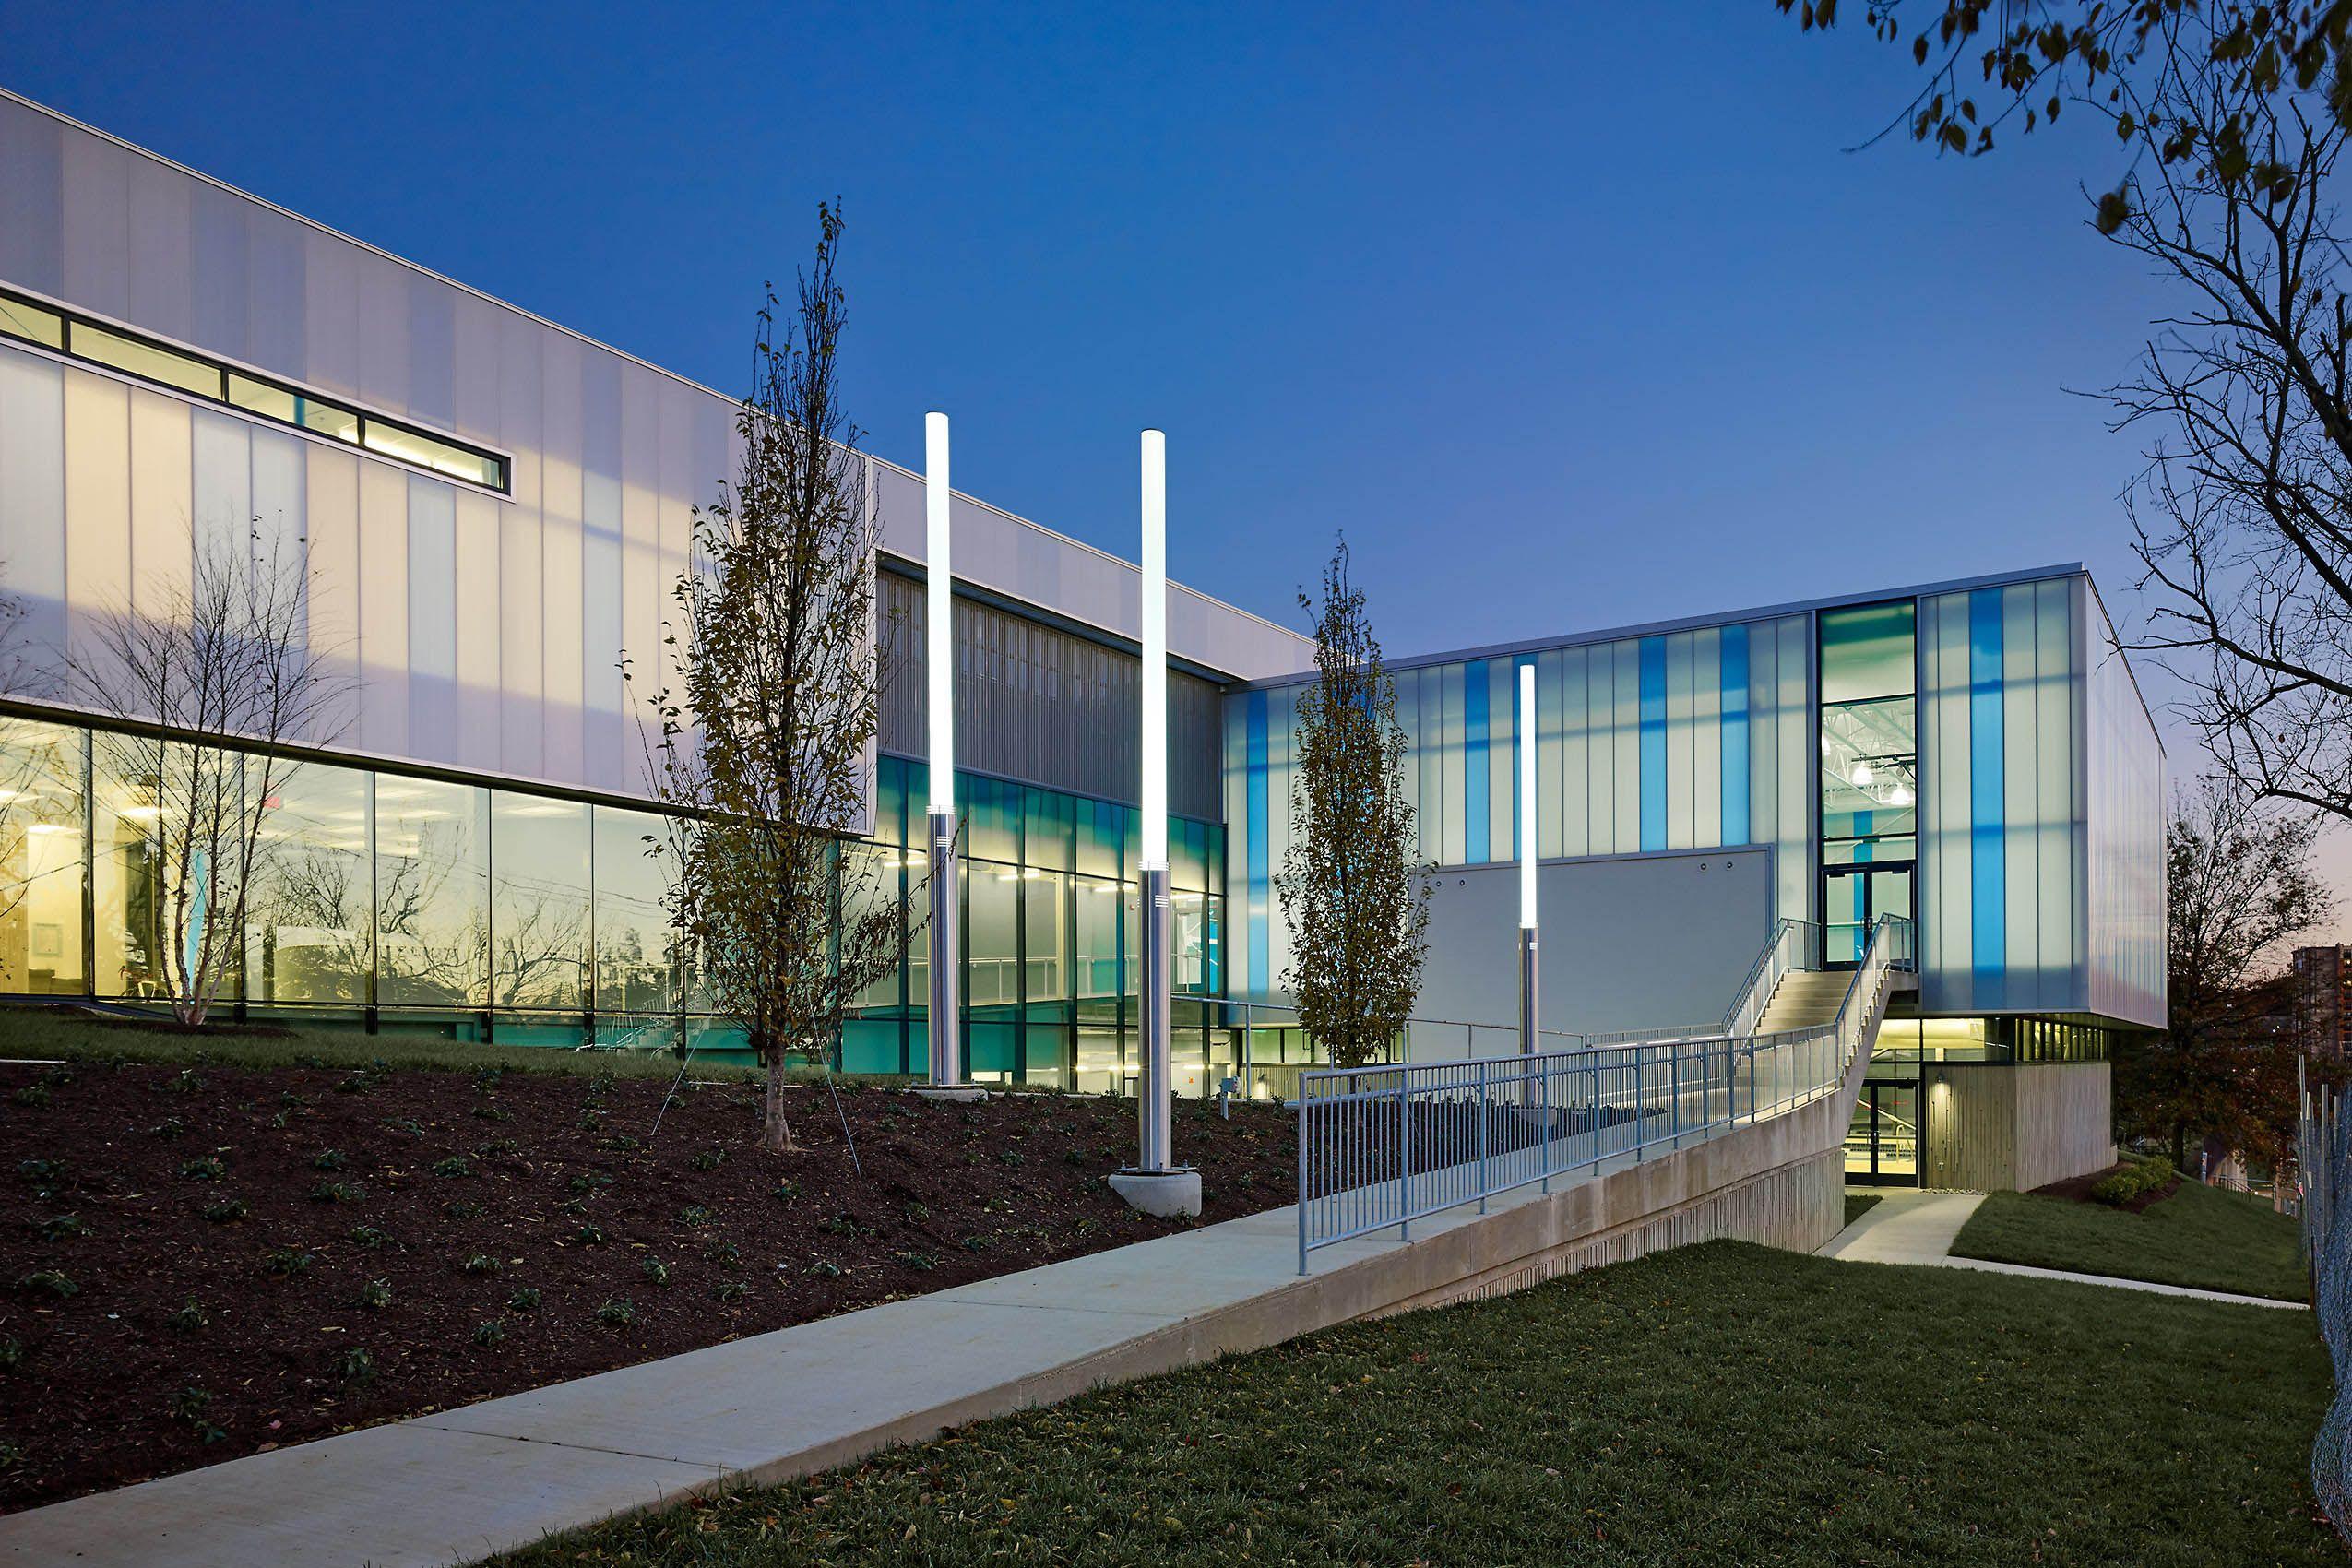 SHINBERG LEVINAS ARCHITECTS  .  EAGLE ACADEMY  .  WASHINGTON  DC